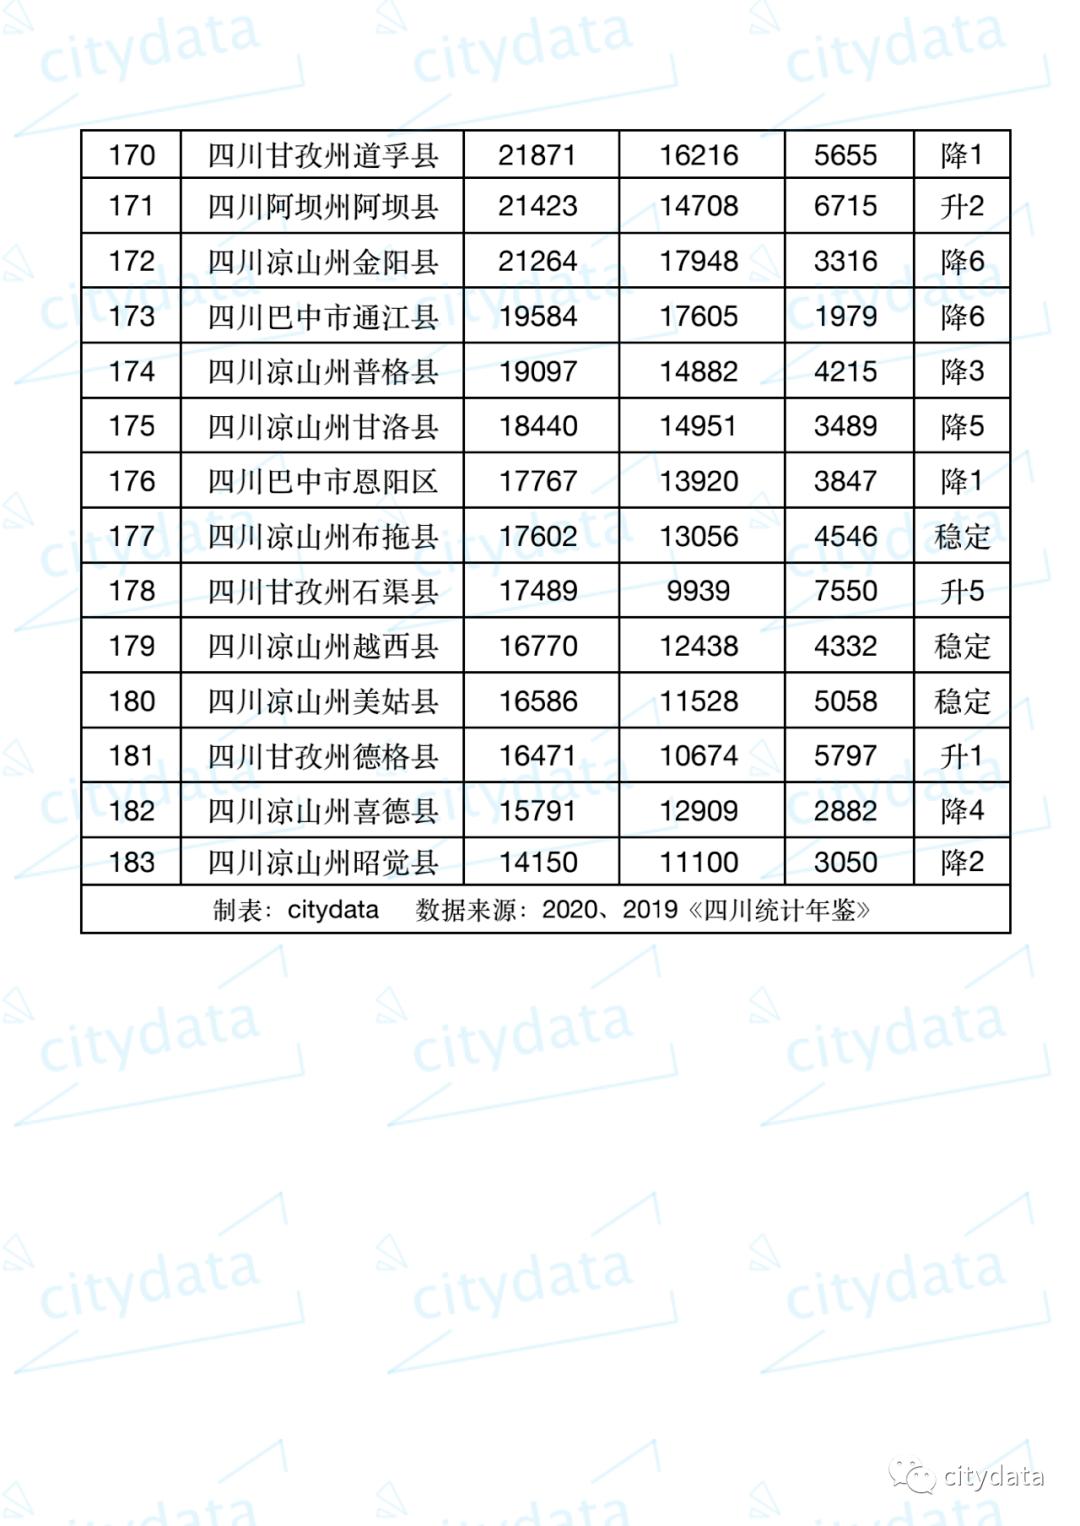 成都成华区gdp对比锦江_坐拥23所一级幼儿园 39所小学 15所初中名校,锦江区教育最强区不是说说而已